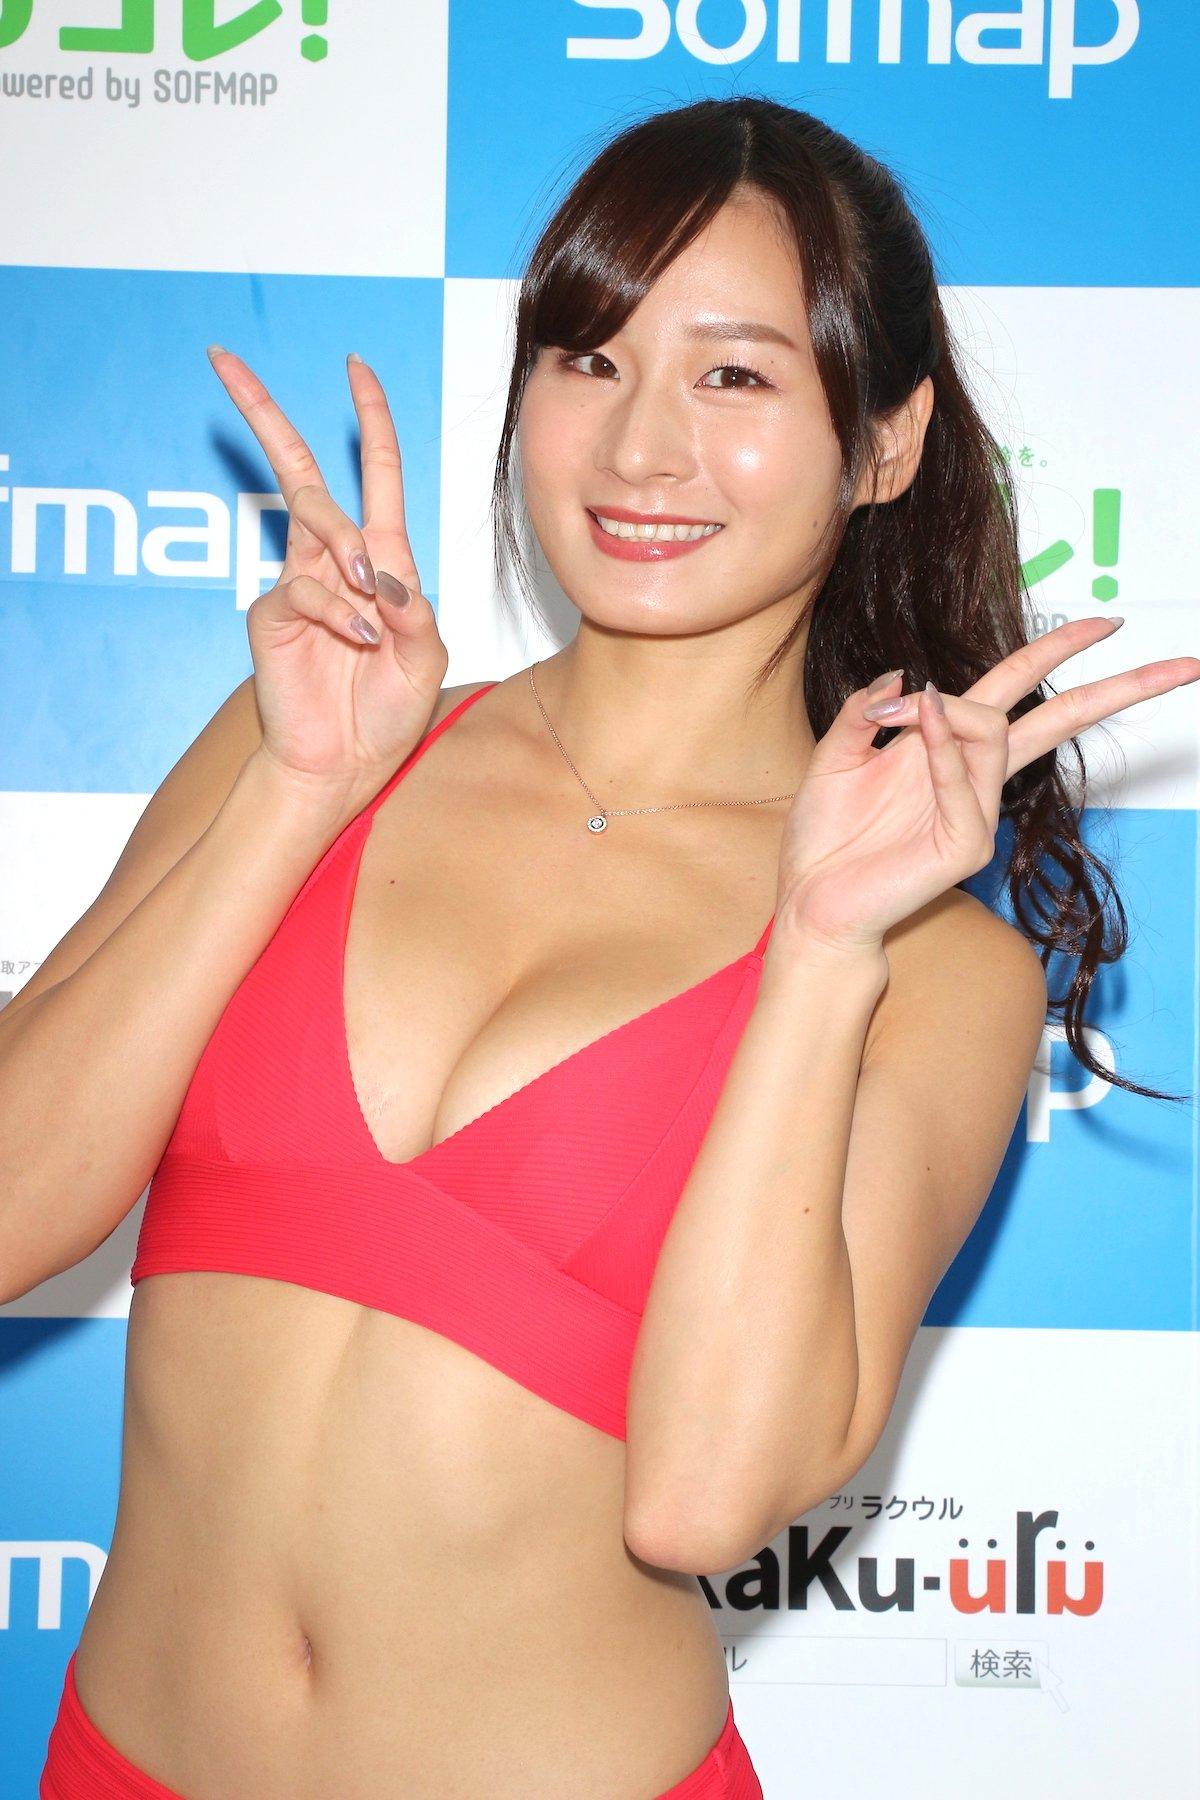 清瀬汐希「本当に何も着てない」お風呂のシーンは露出度満点!【画像62枚】の画像033